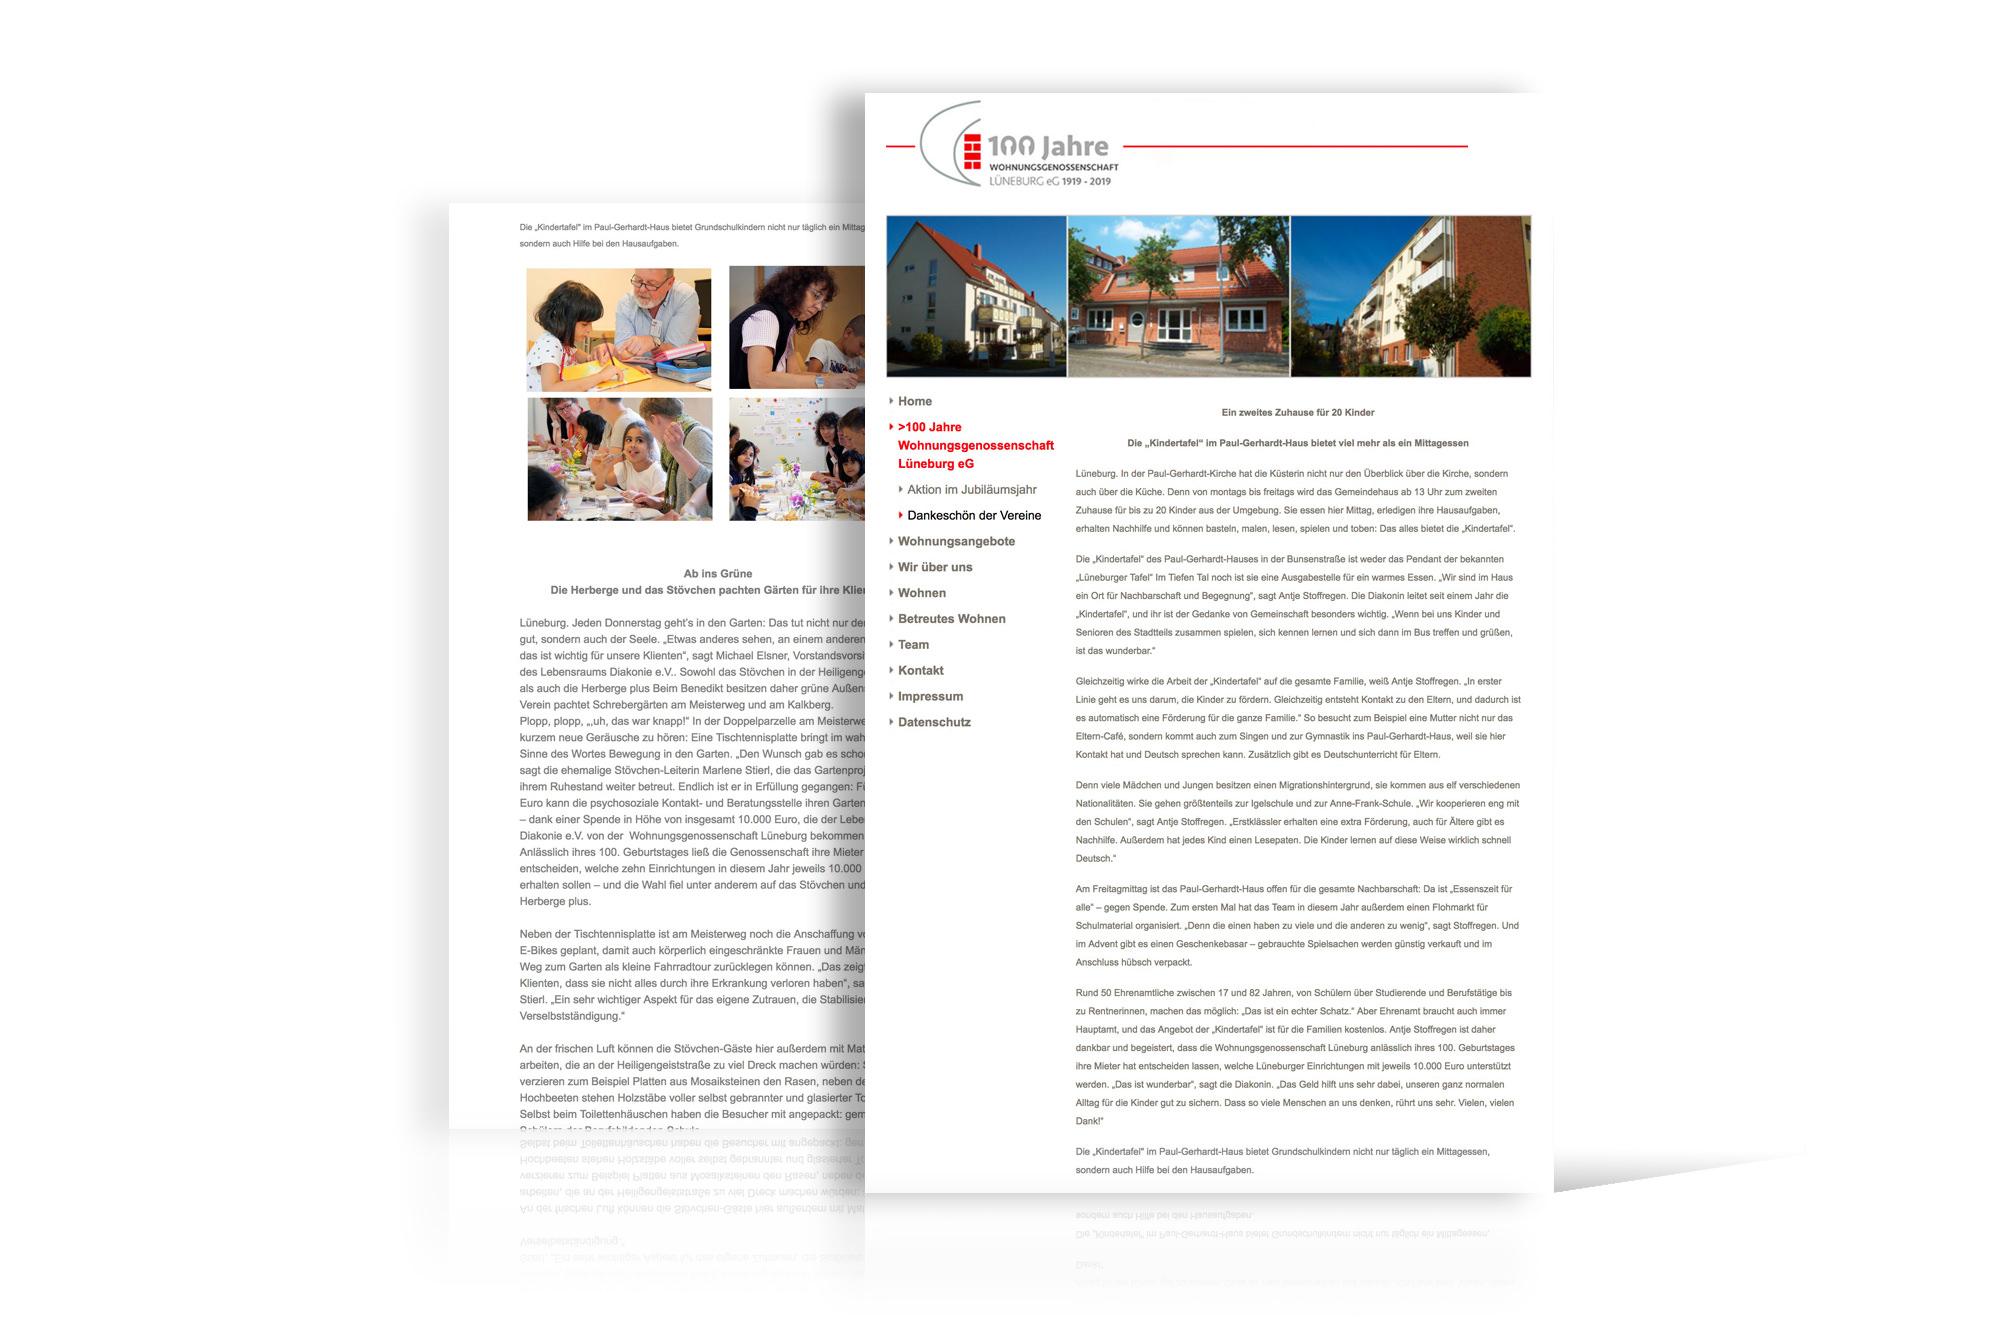 PR für Spendenaktion Wohnungsgenossenschaft Lüneburg